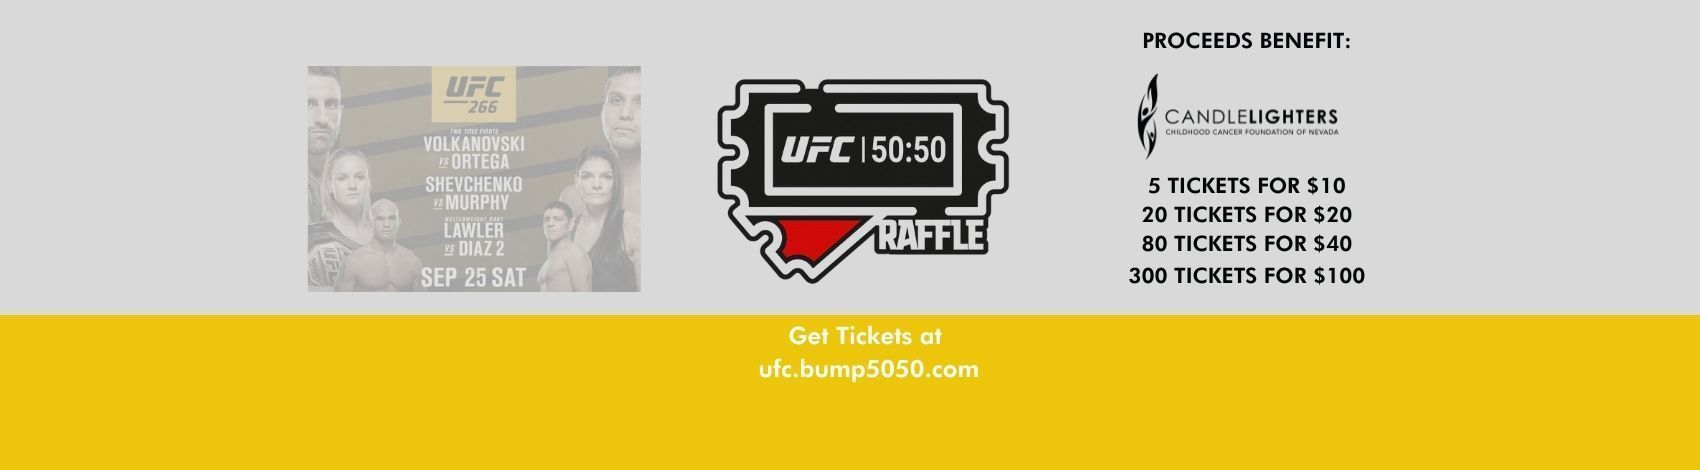 UFC 50:50 Raffle